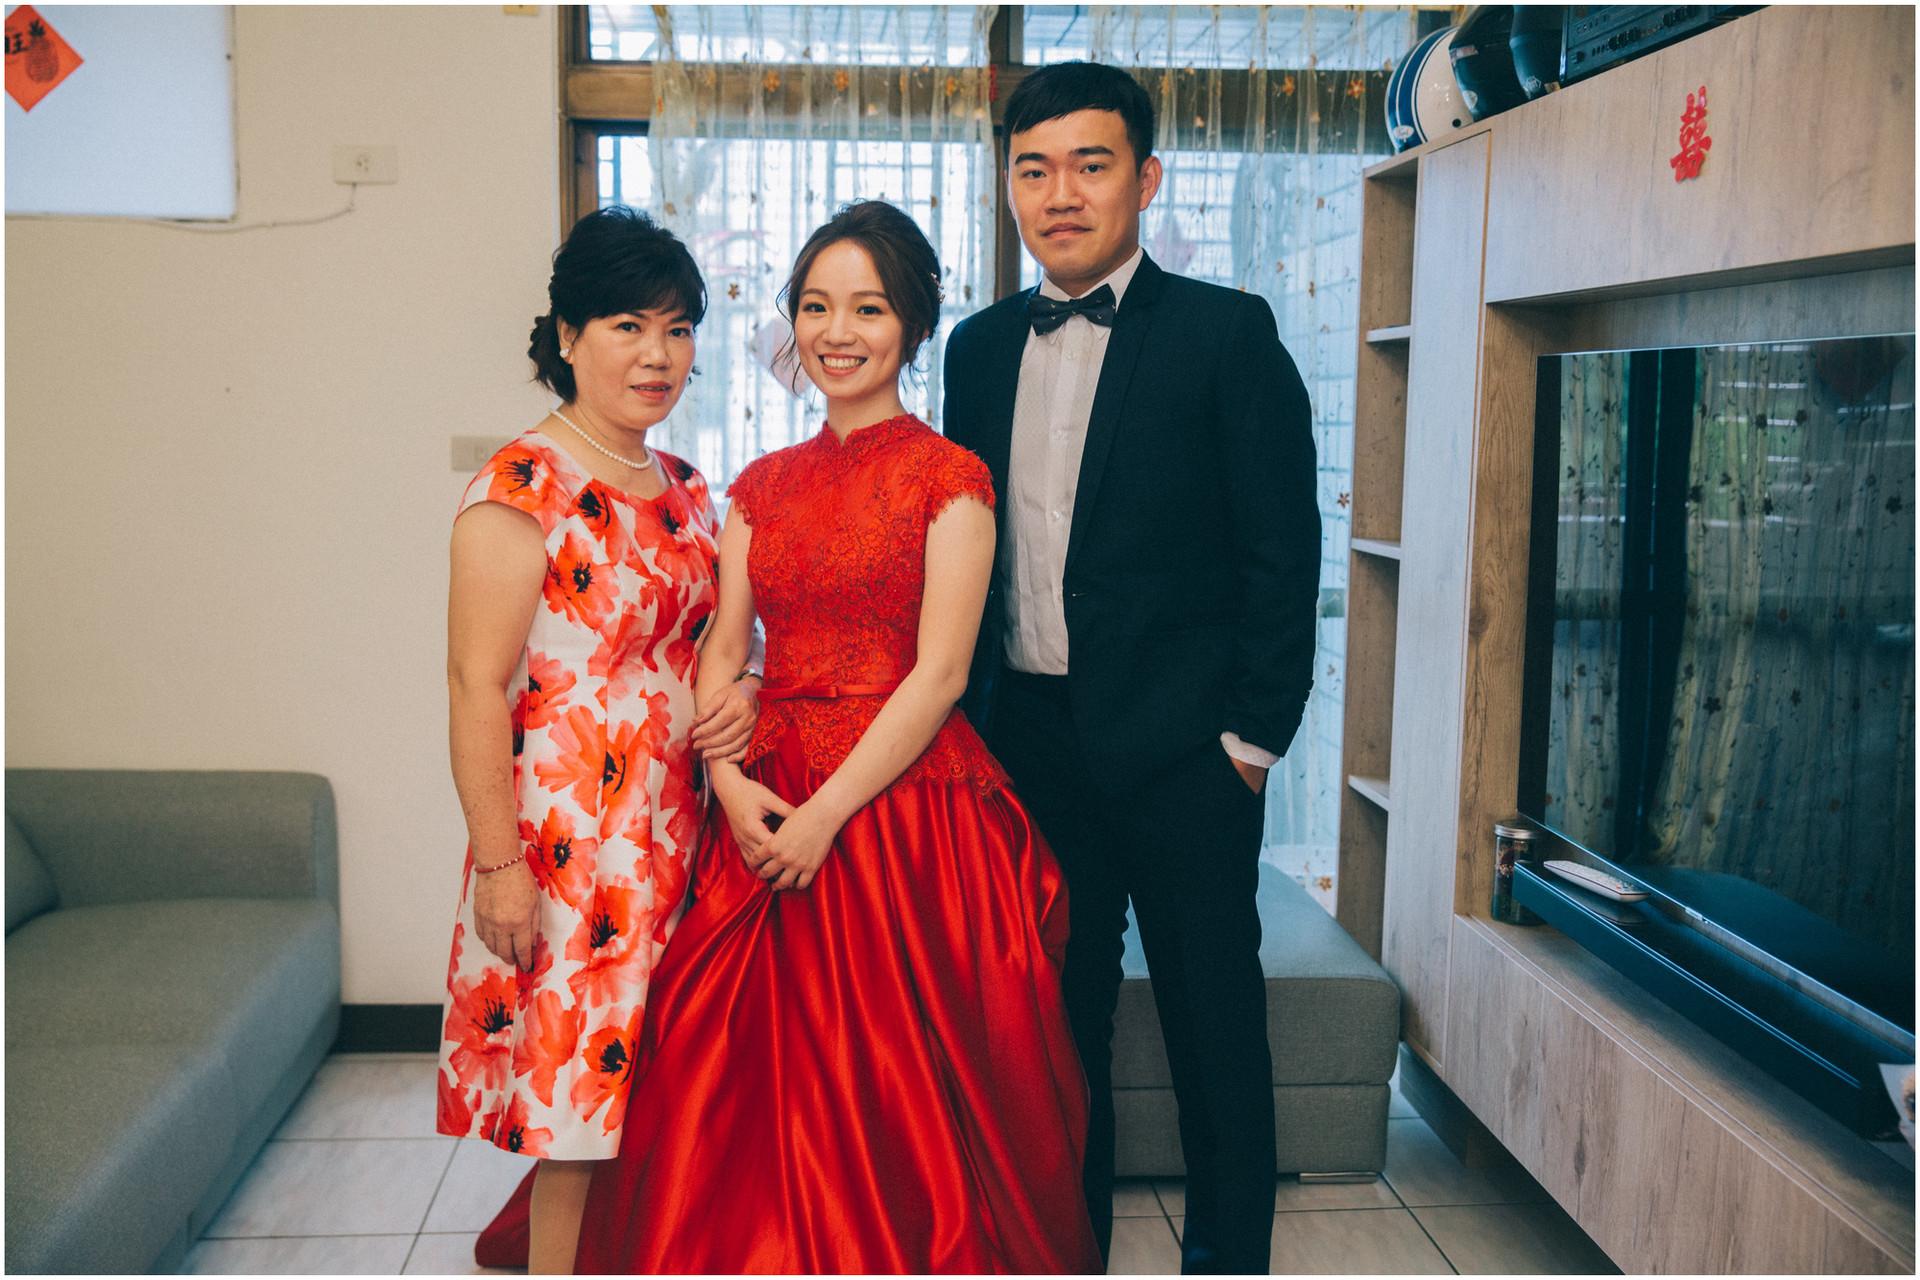 婚禮紀錄 / 平面攝影 / 訂婚 / 結婚 / 類婚紗 板橋彭園